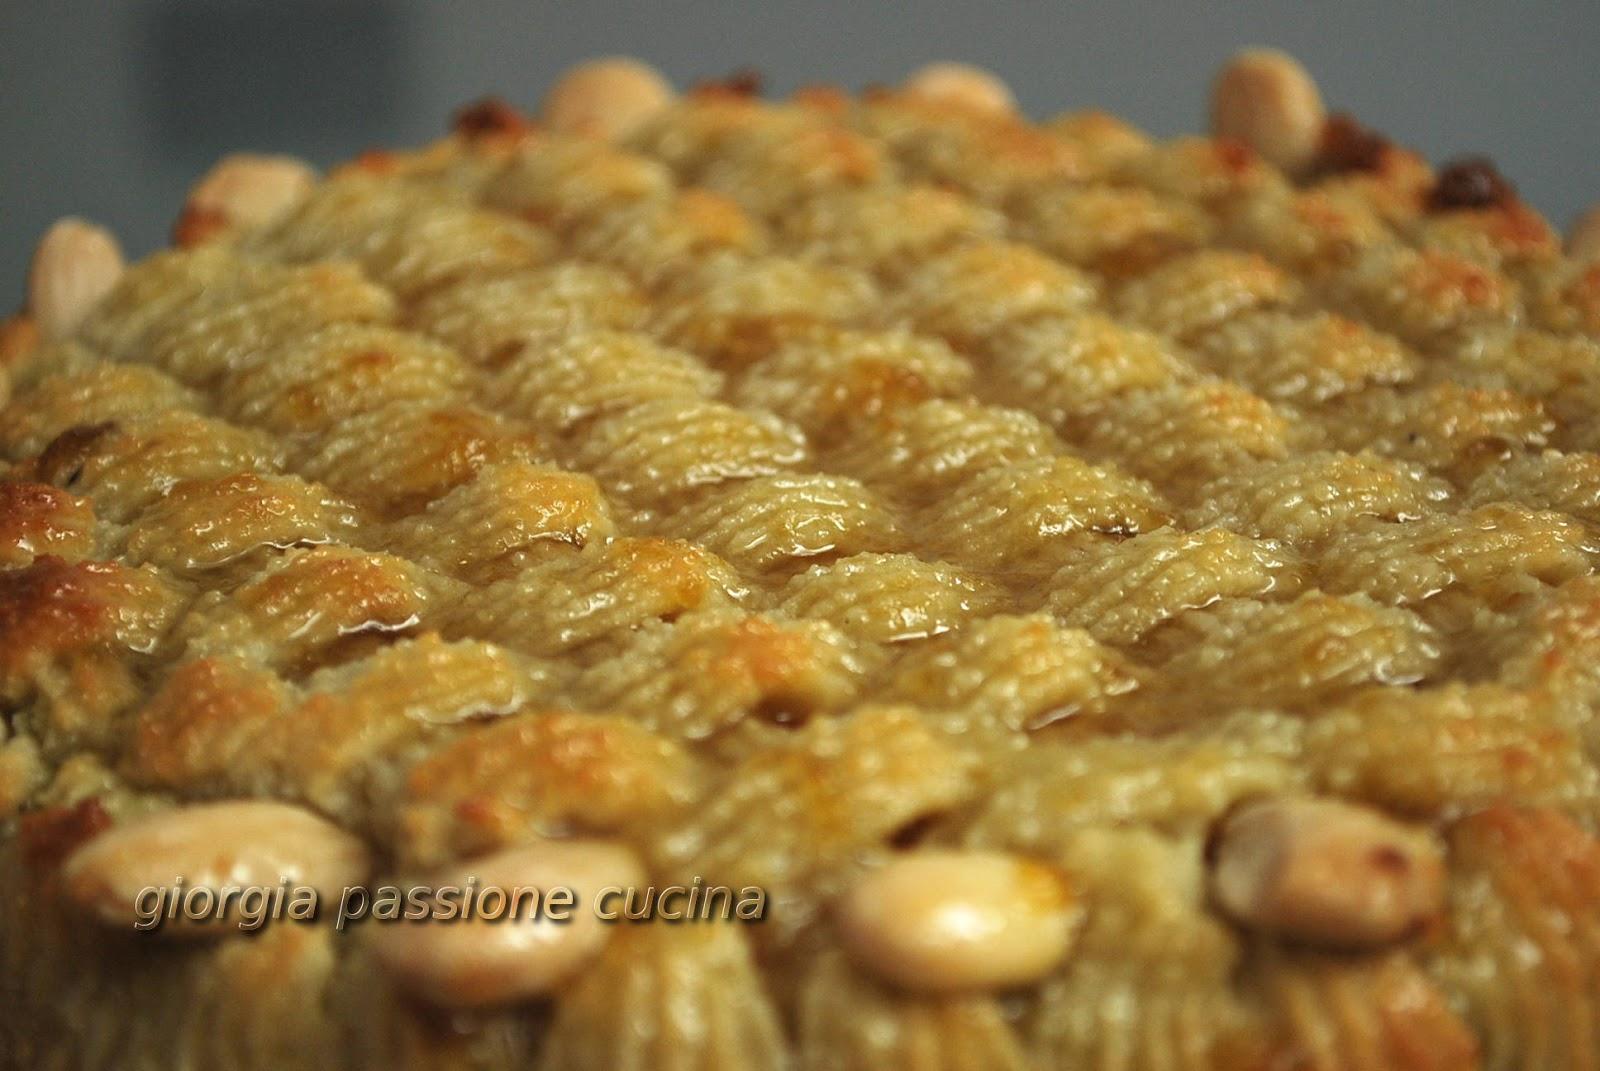 Ricetta per dolci con pasta di mandorle